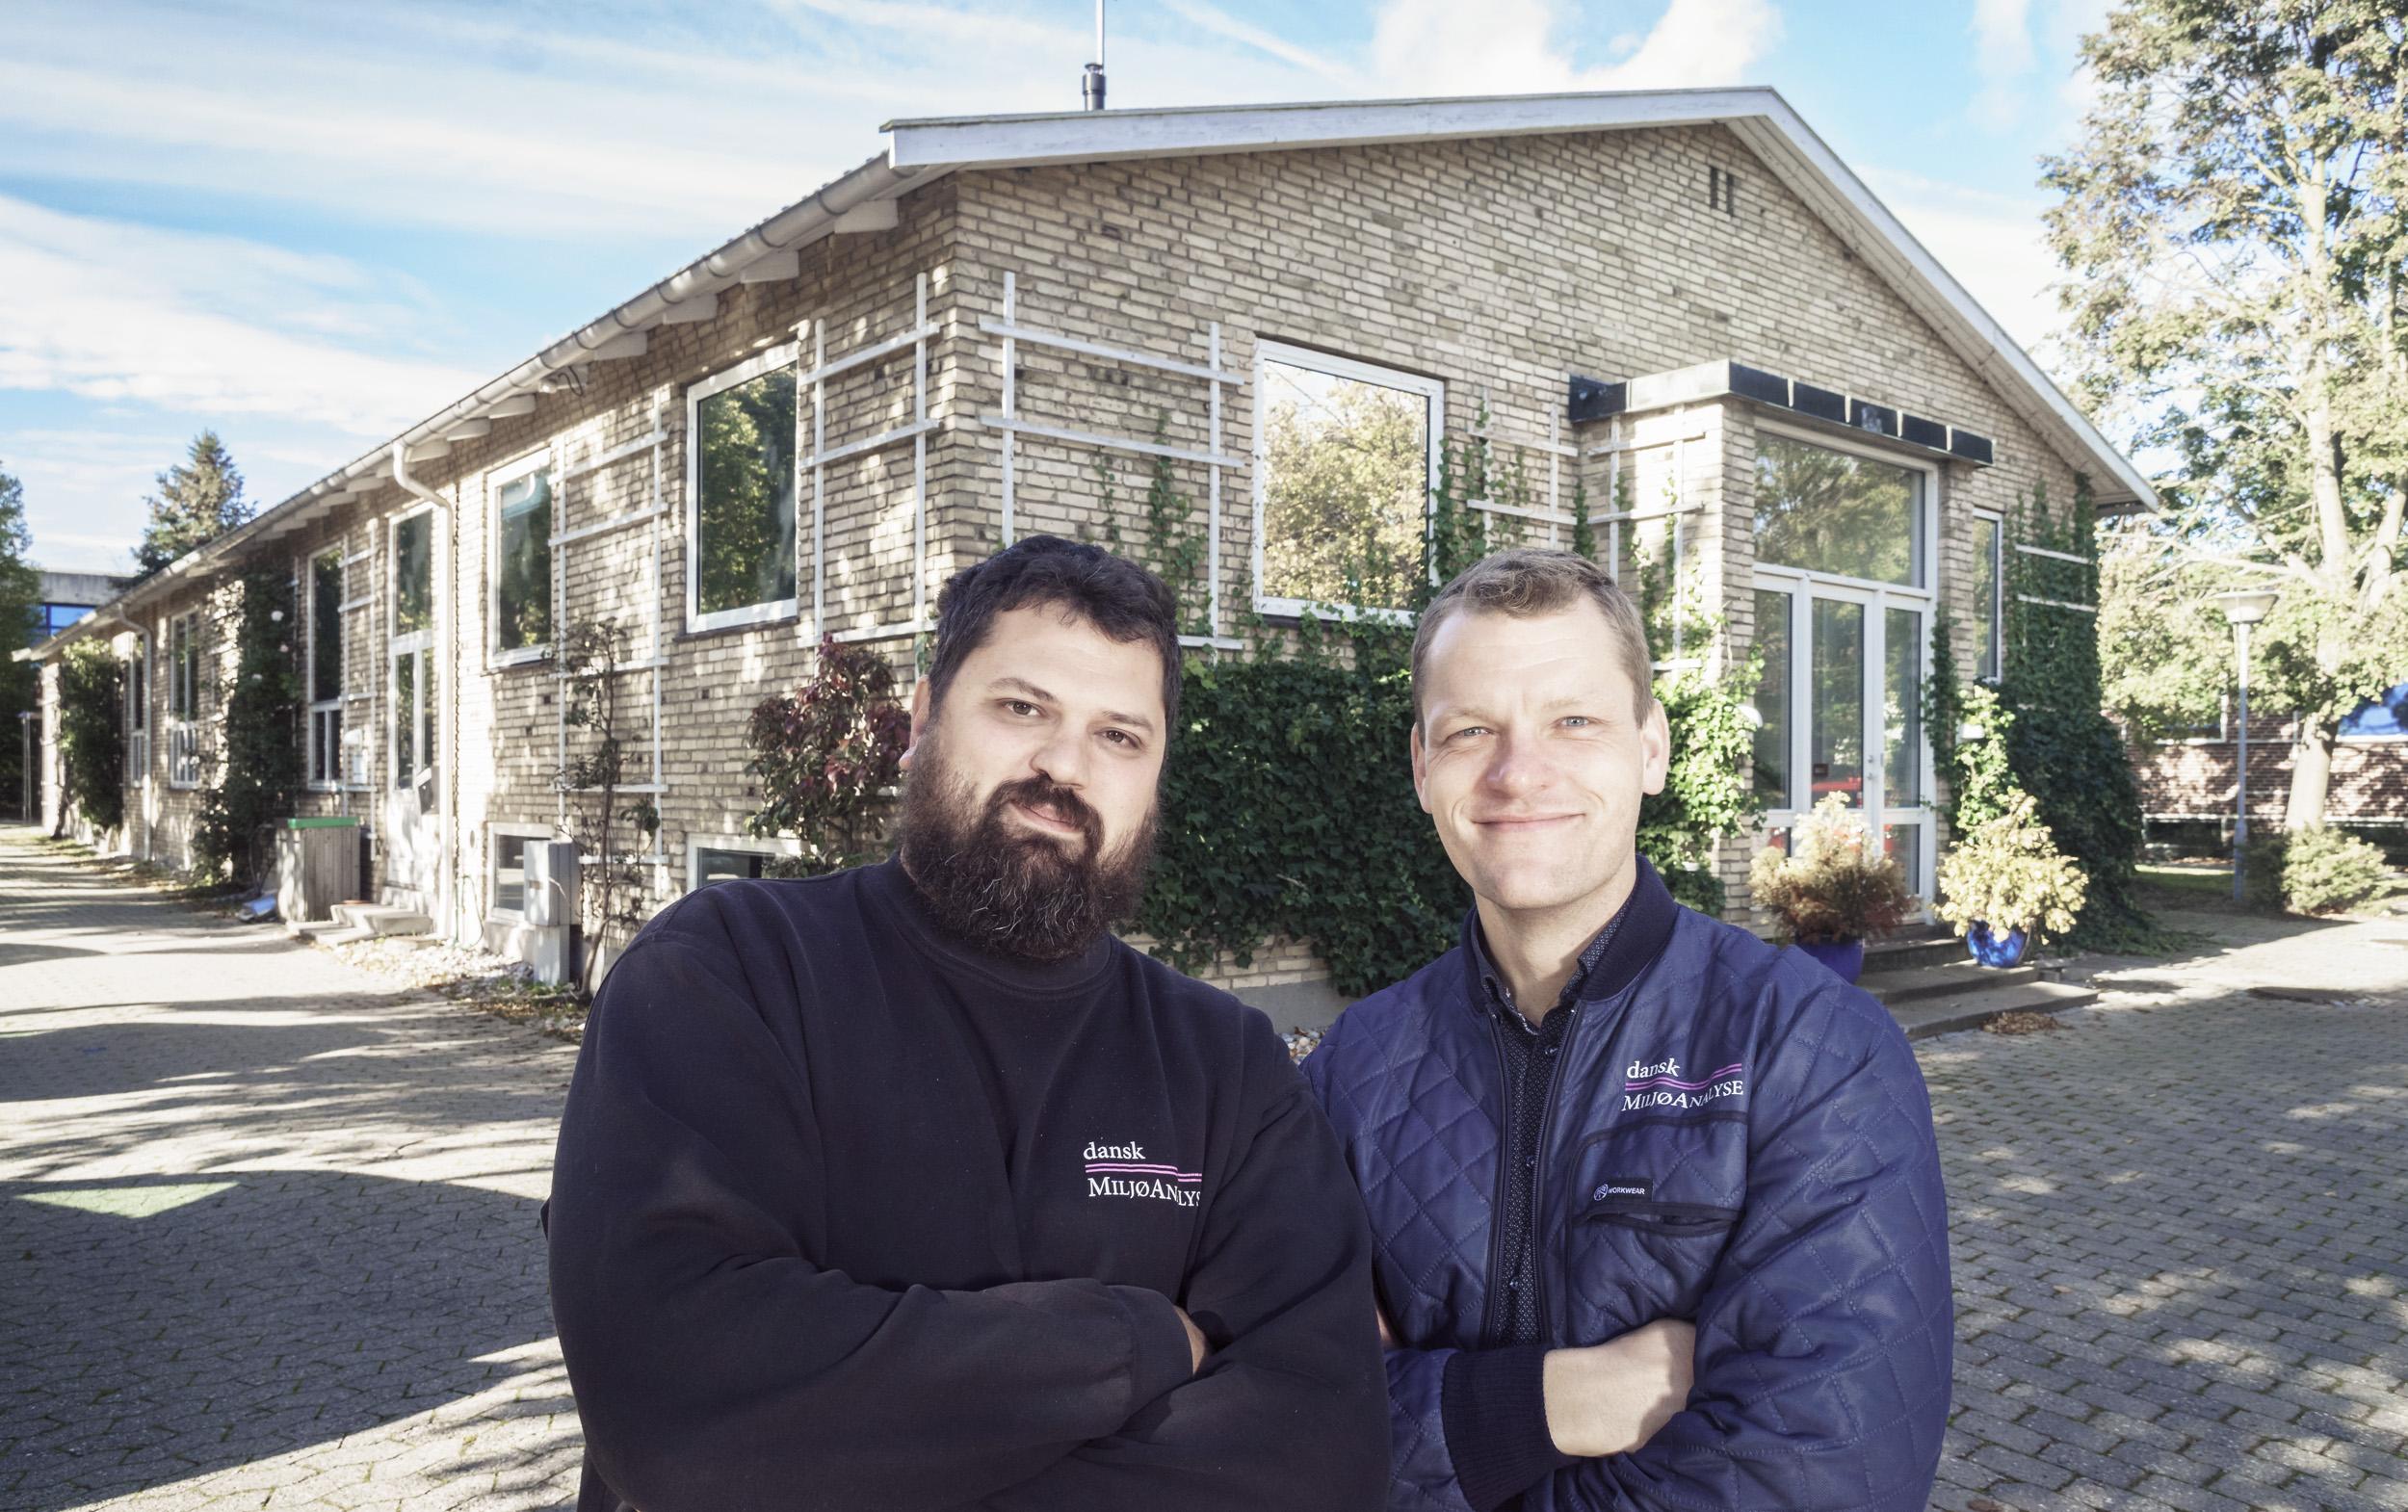 Ejer og direktør Kristoffer Kampmann (tv) fra Dansk MiljøAnalyse sammen markedschef Martin Nerum Olsen foran virksomhedens nye hus i Vedbæk.